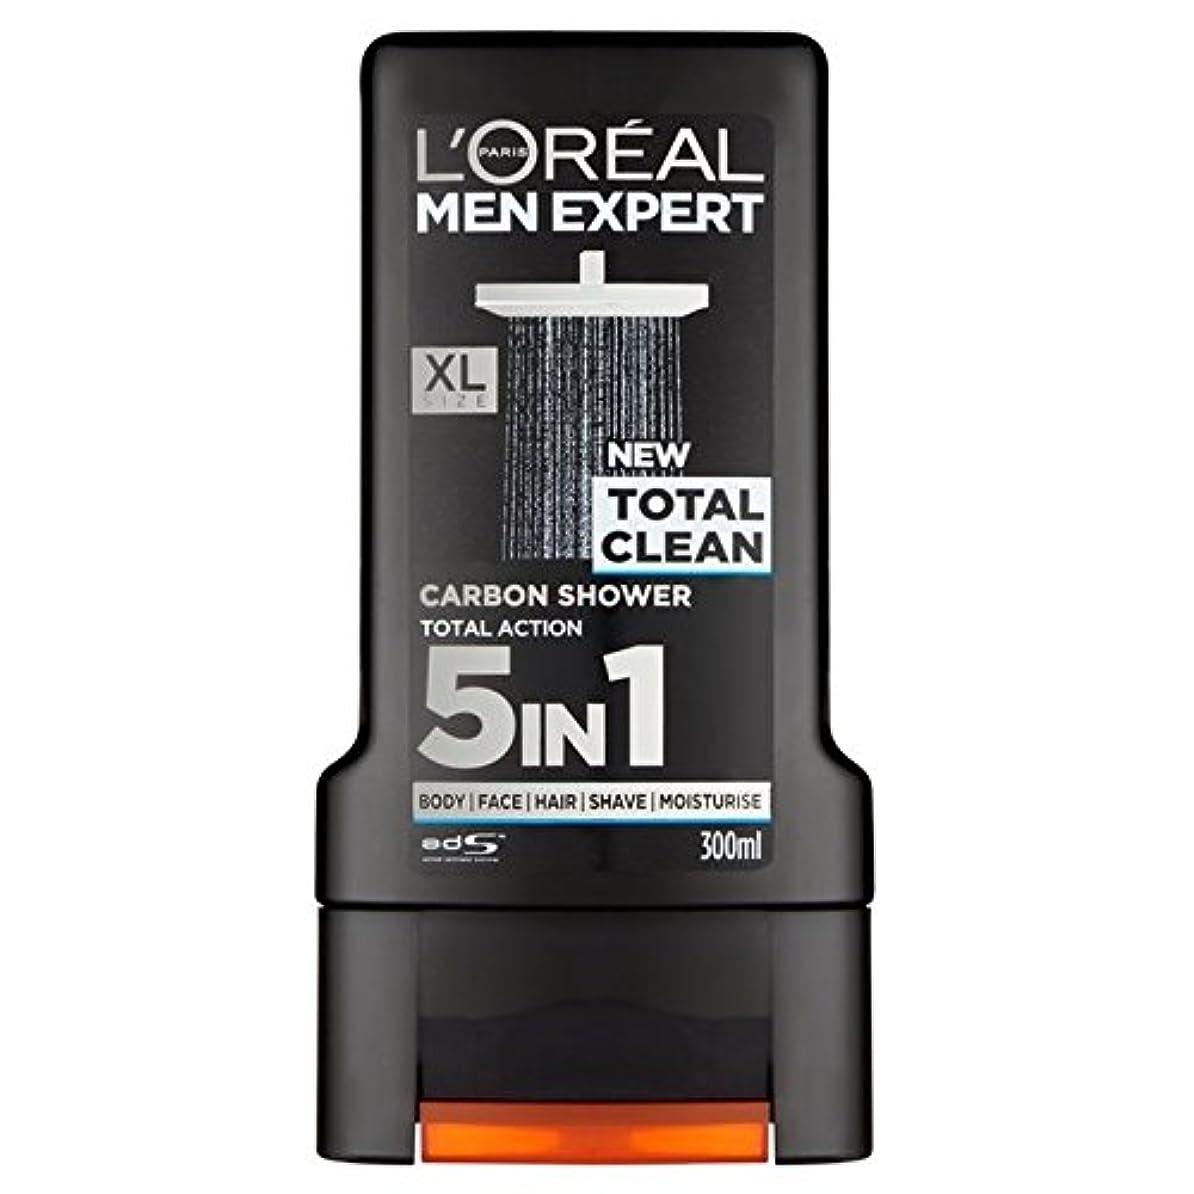 ピル好意たるみロレアルパリのメンズ専門トータルクリーンシャワージェル300ミリリットル x2 - L'Oreal Paris Men Expert Total Clean Shower Gel 300ml (Pack of 2) [並行輸入品]